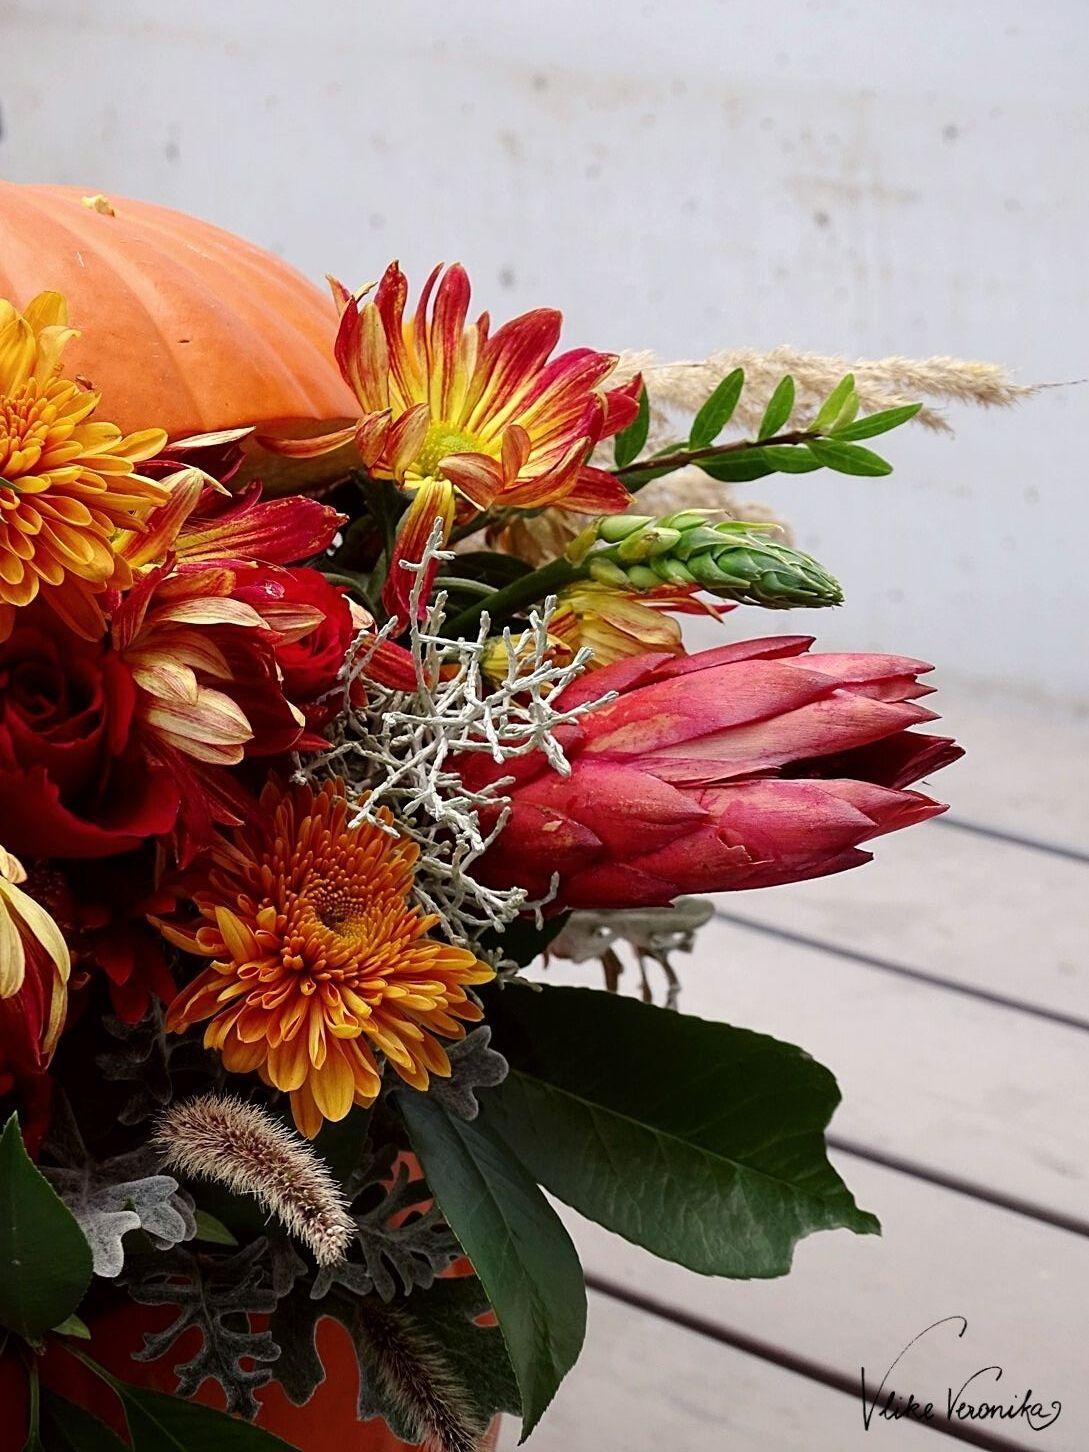 Der Herbst in Bildern: Kürbis und Rot-Orange Blumen gehören dazui.